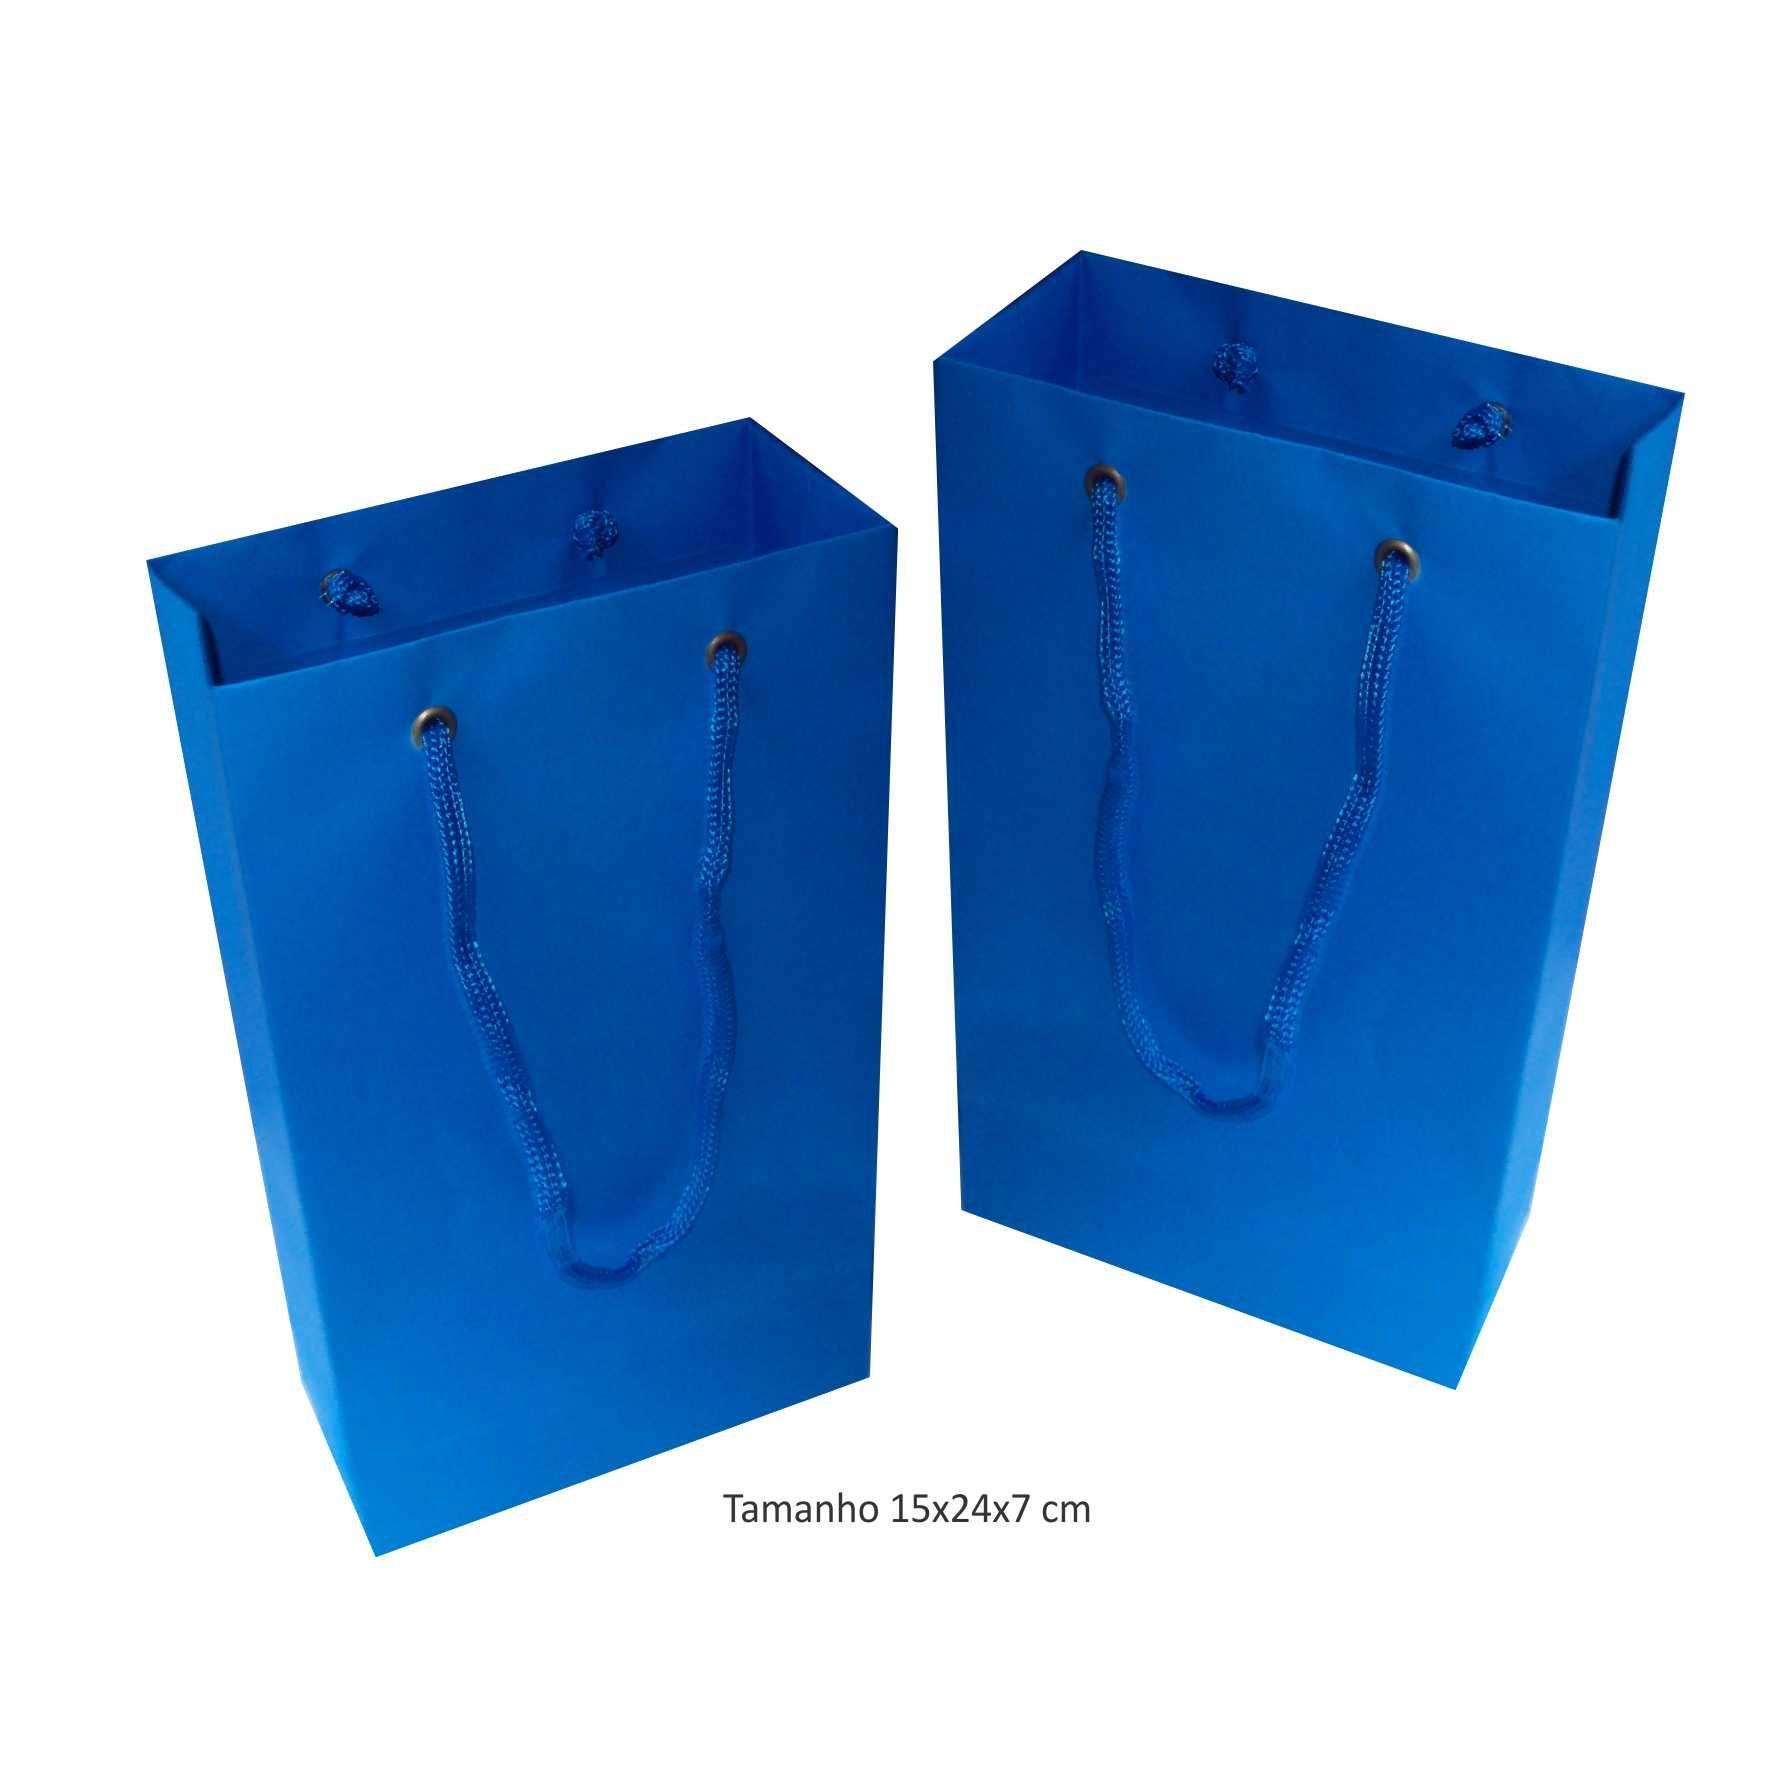 Sacola de papel (15x24x7 cm) pequena - azul turquesa - 10 unidades